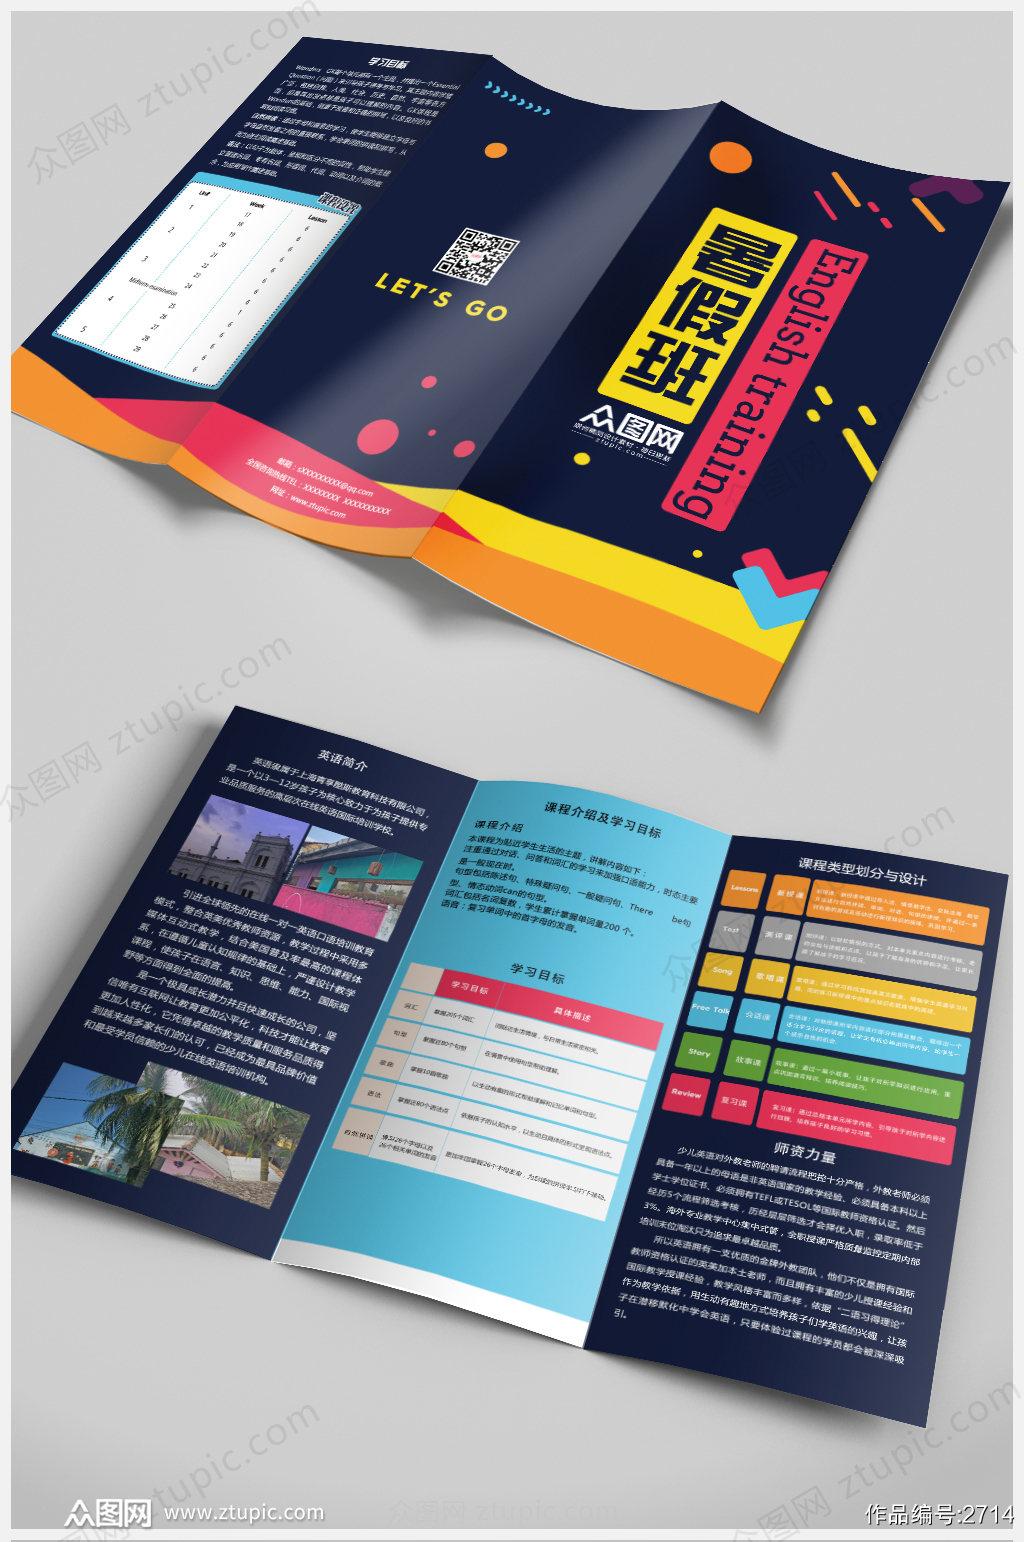 暑假培训班开班宣传三折页模板素材